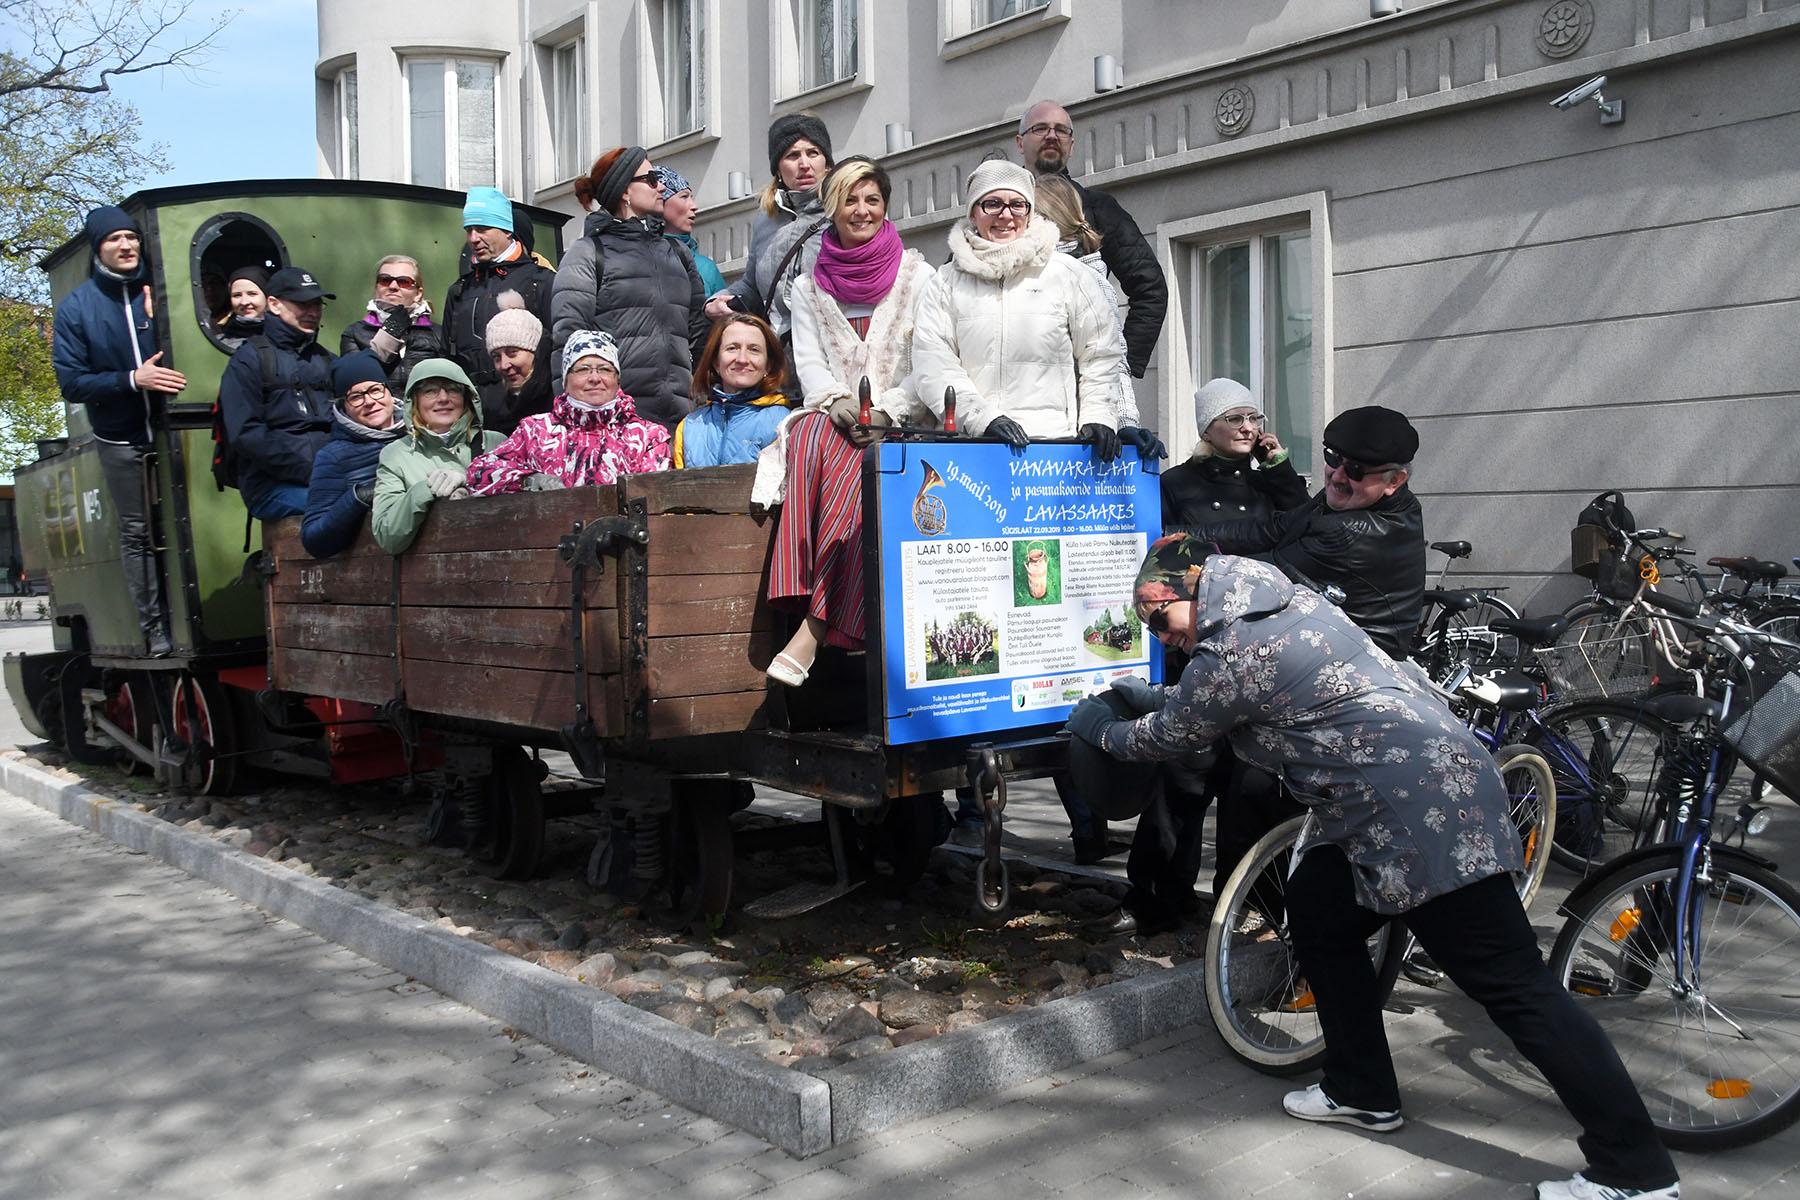 Segakoor Endla tähistab Pärnus oma 141. aastapäeva. Foto Urmas Saard